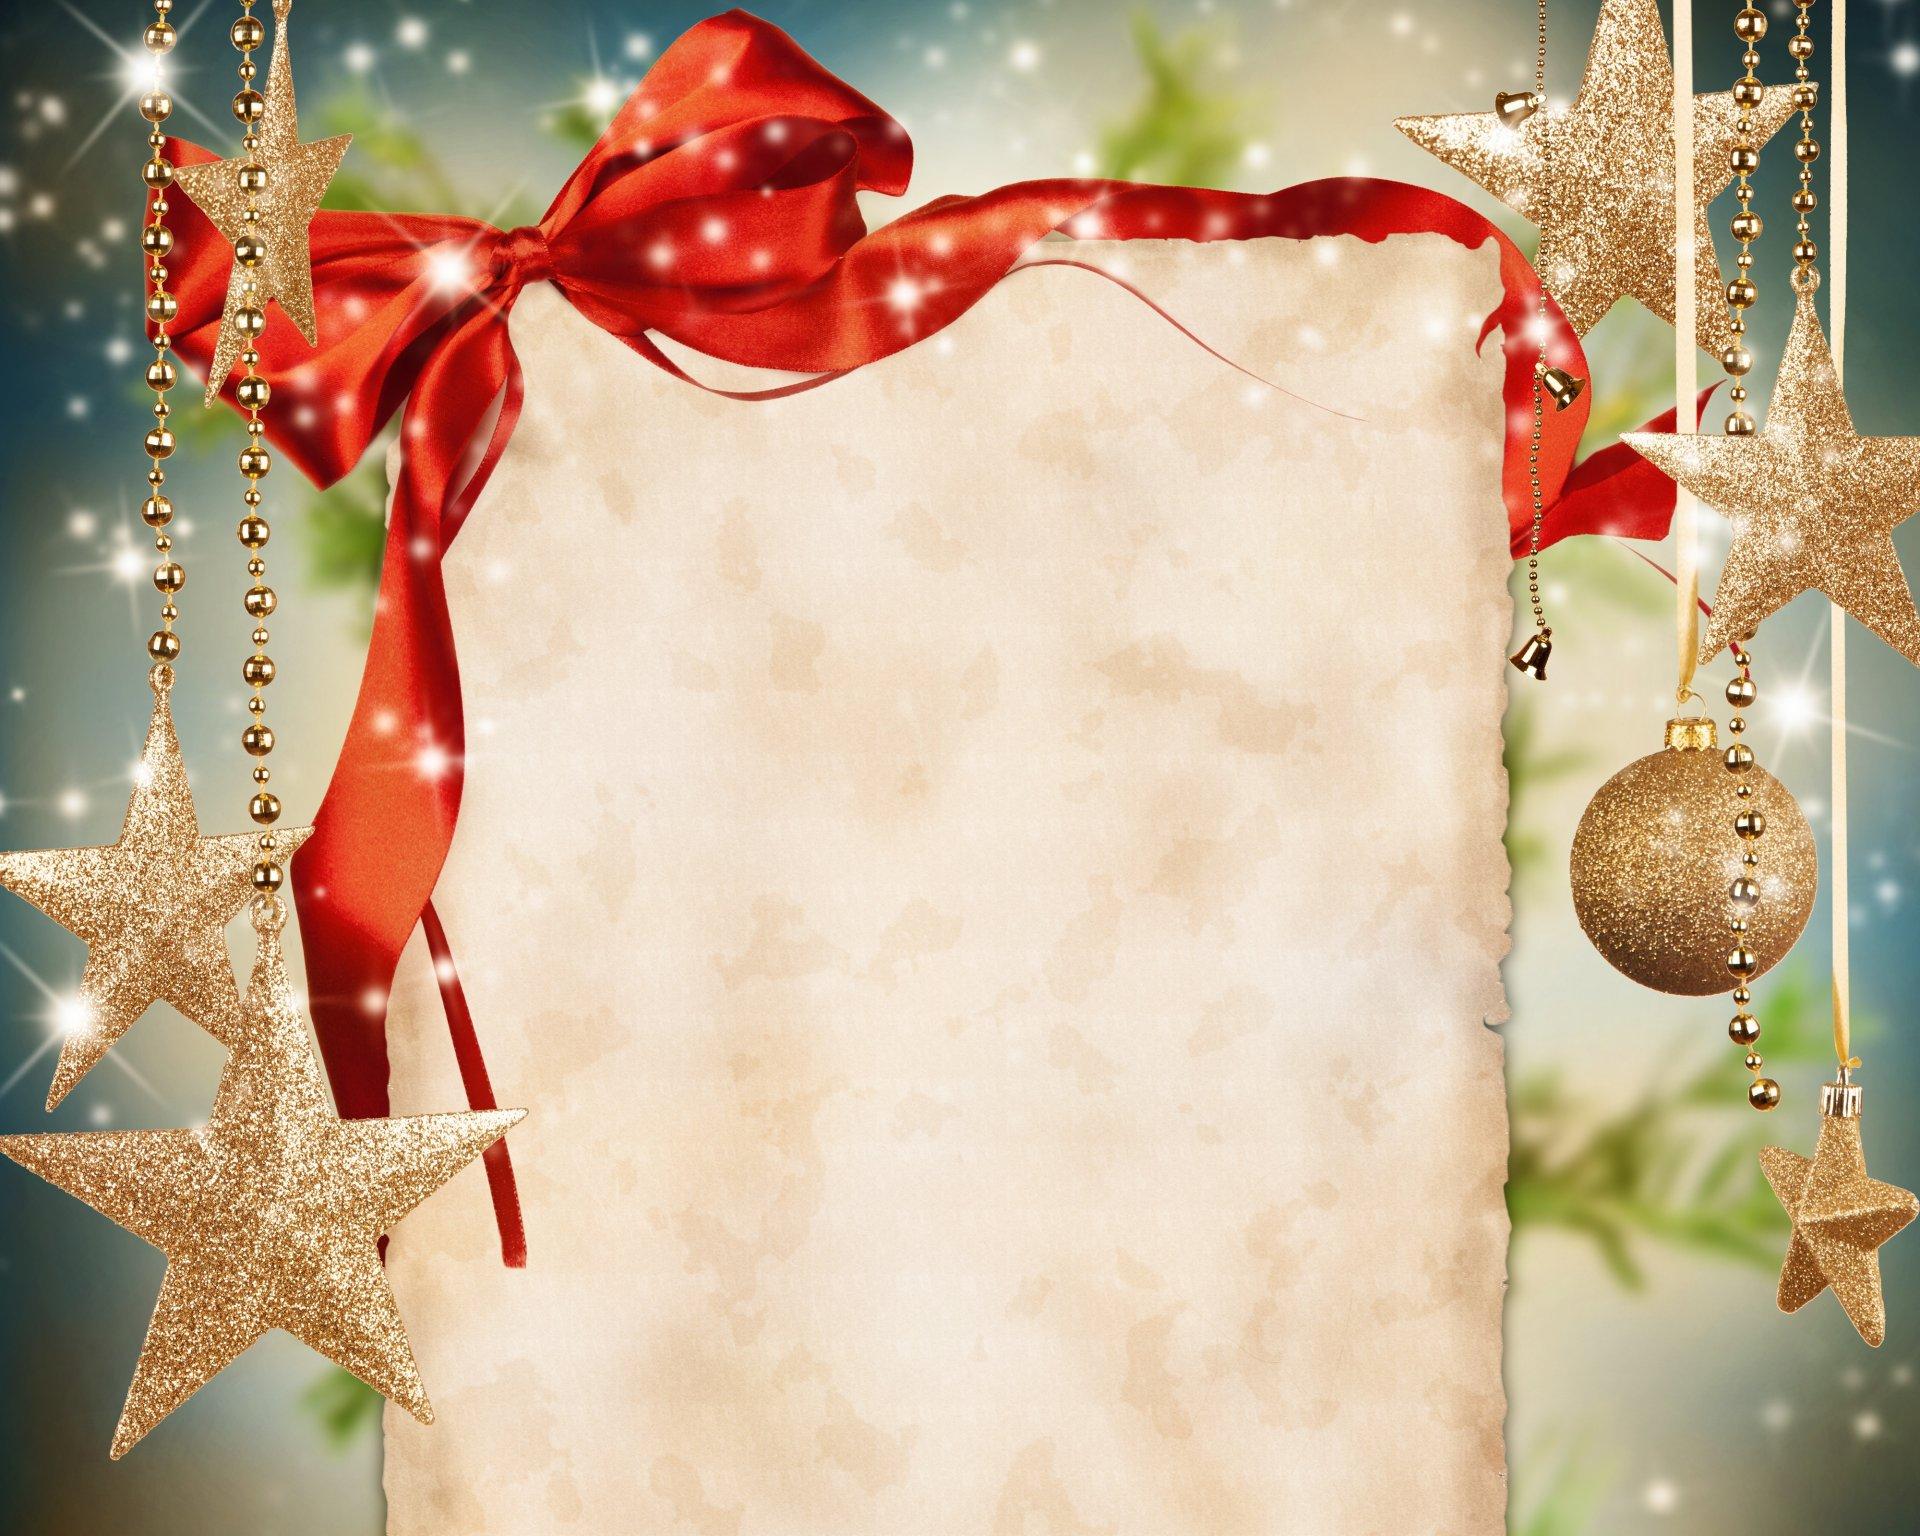 Поздравления с новым годом открытка для текста пустая, праздником успенская